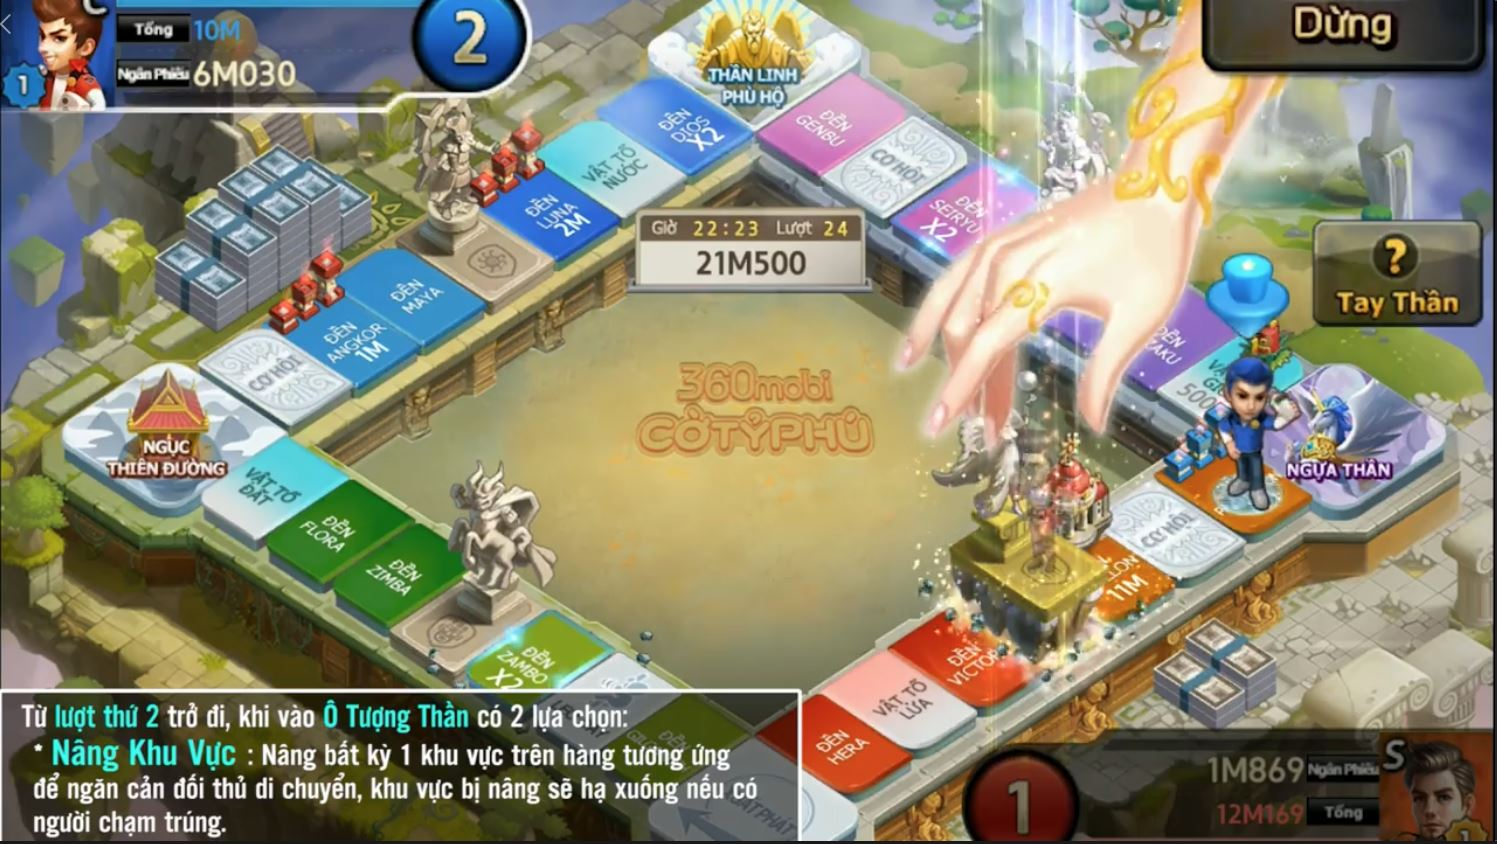 Cận cảnh bản đồ Tay Thần đặc sắc trong 360mobi Cờ Tỷ Phú vừa được VNG ra mắt 1